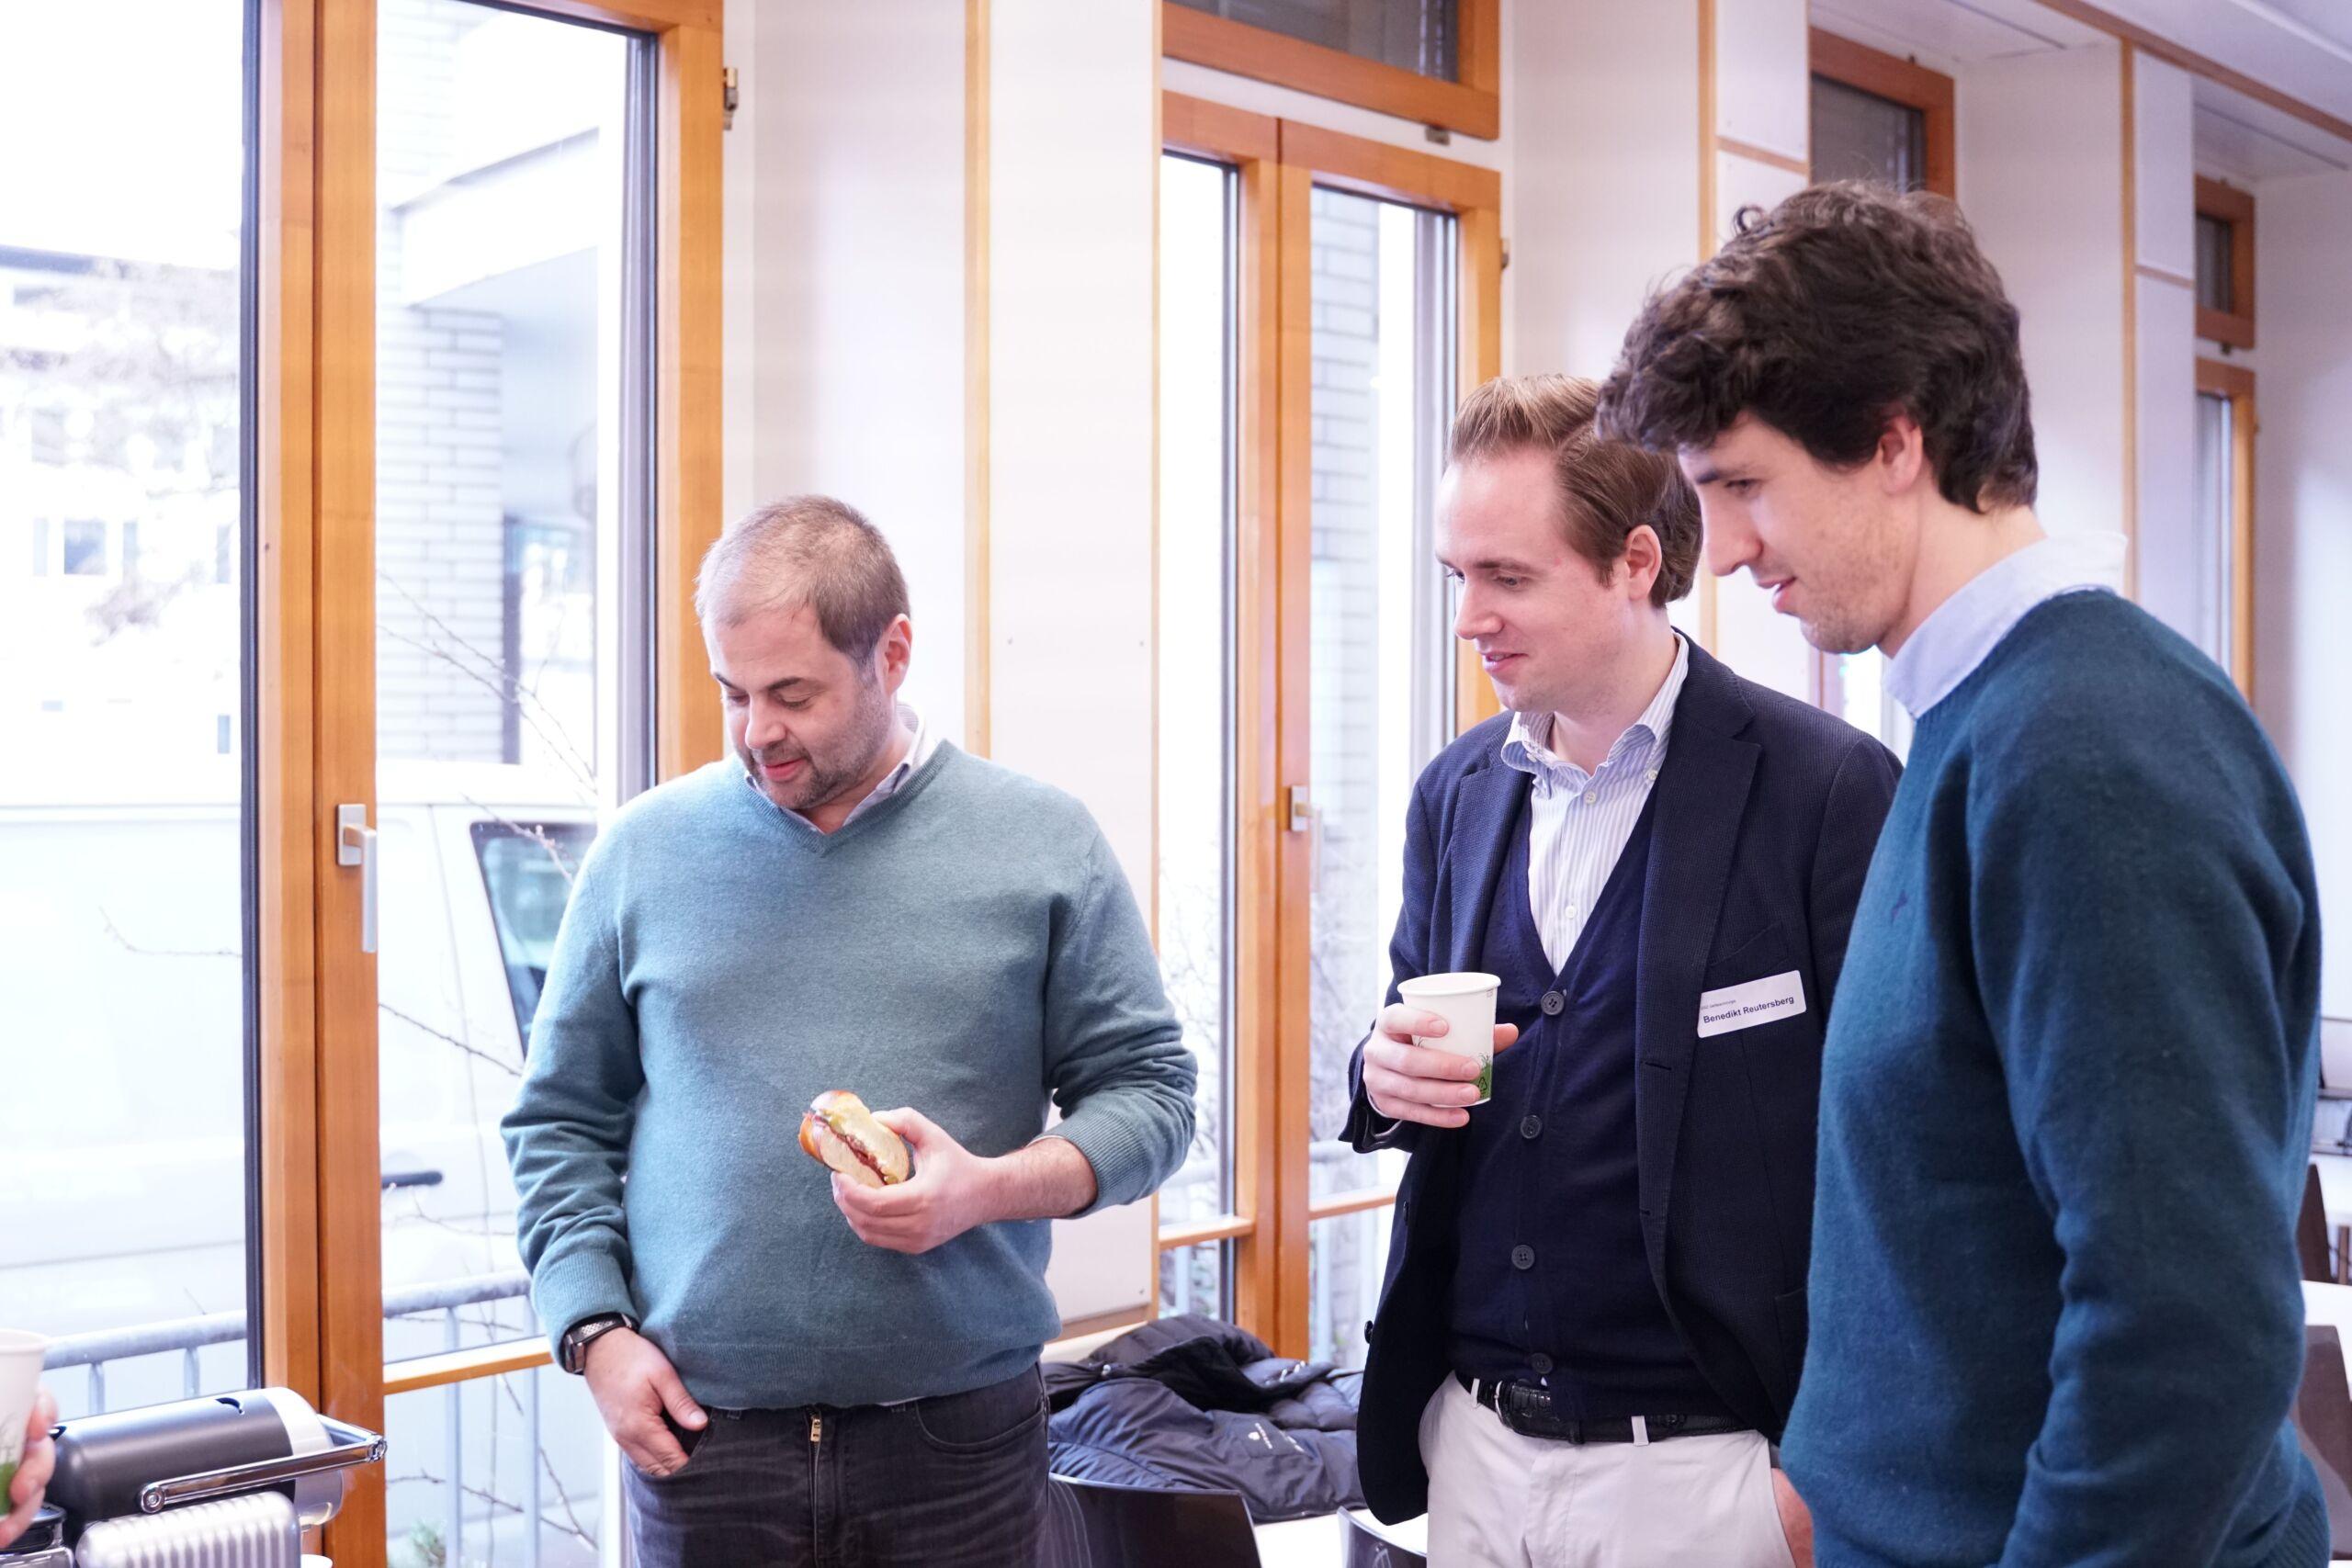 Drei Männer stehen vor einer Kaffeemaschine und warten